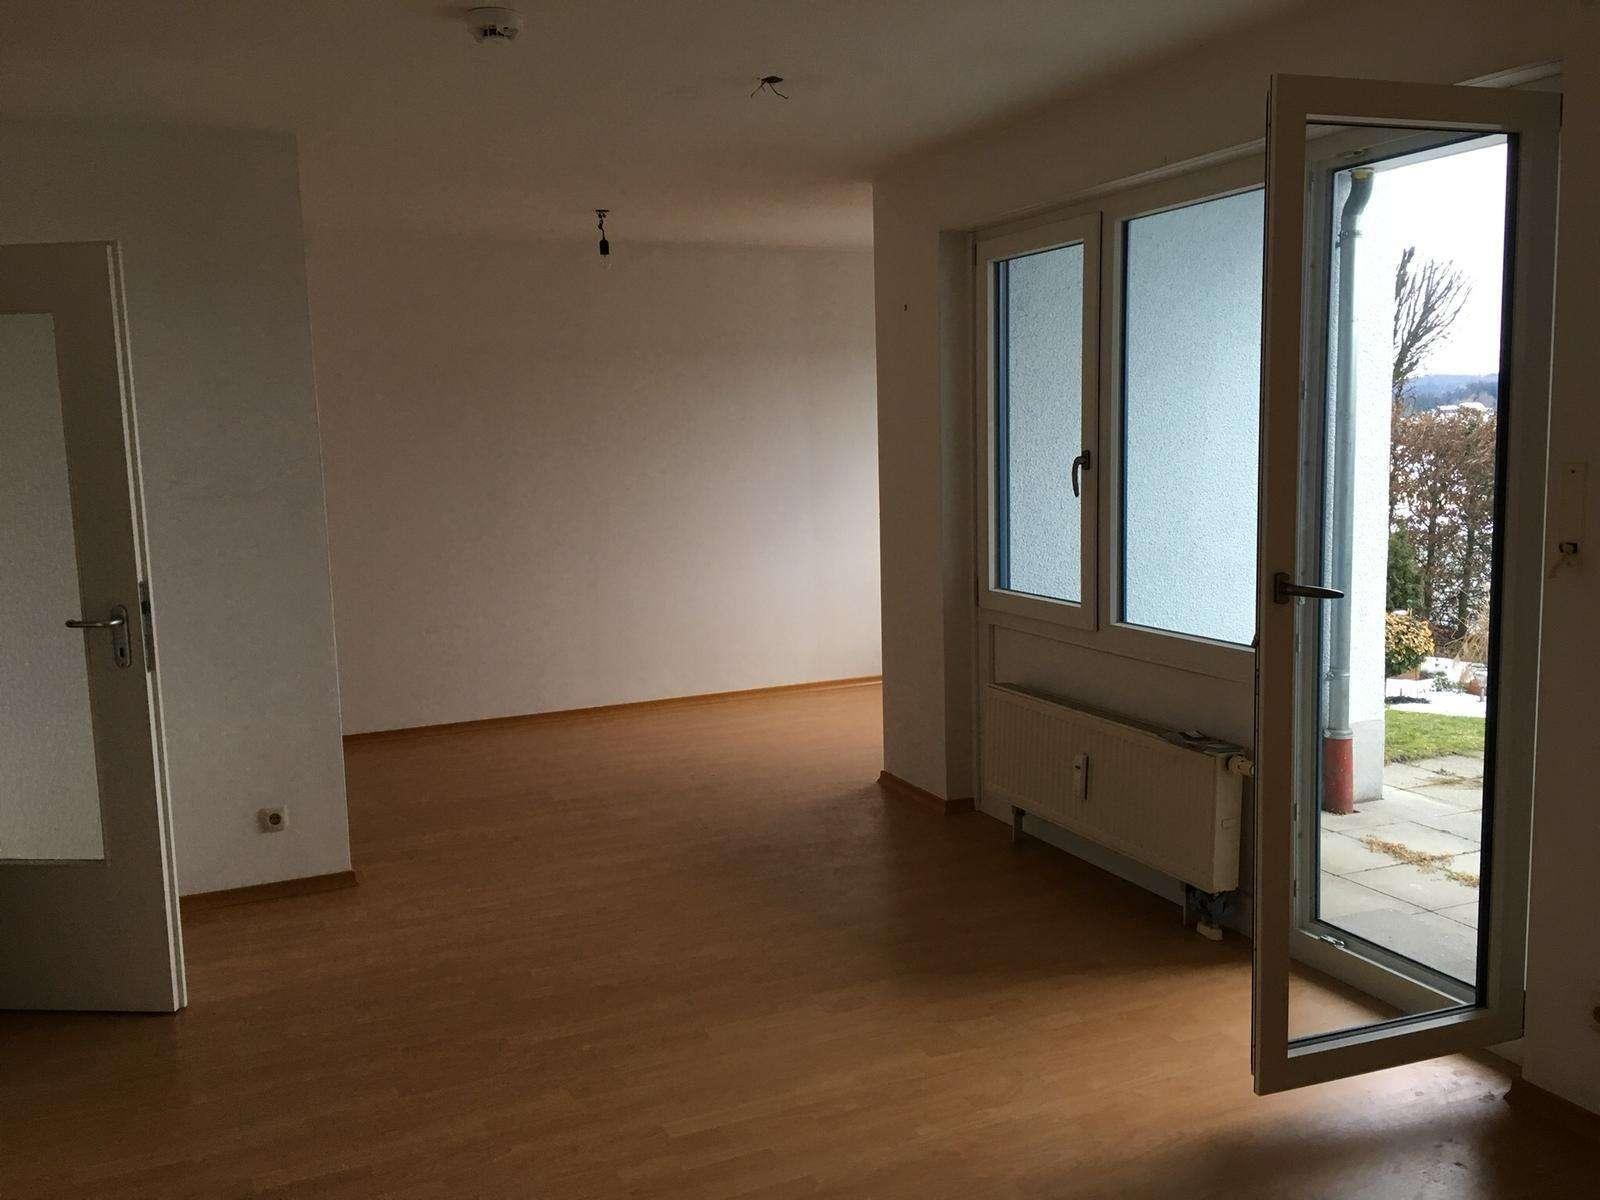 Helle Wohnung mit Terrasse und Garten in Passau, Heining in Heining (Passau)